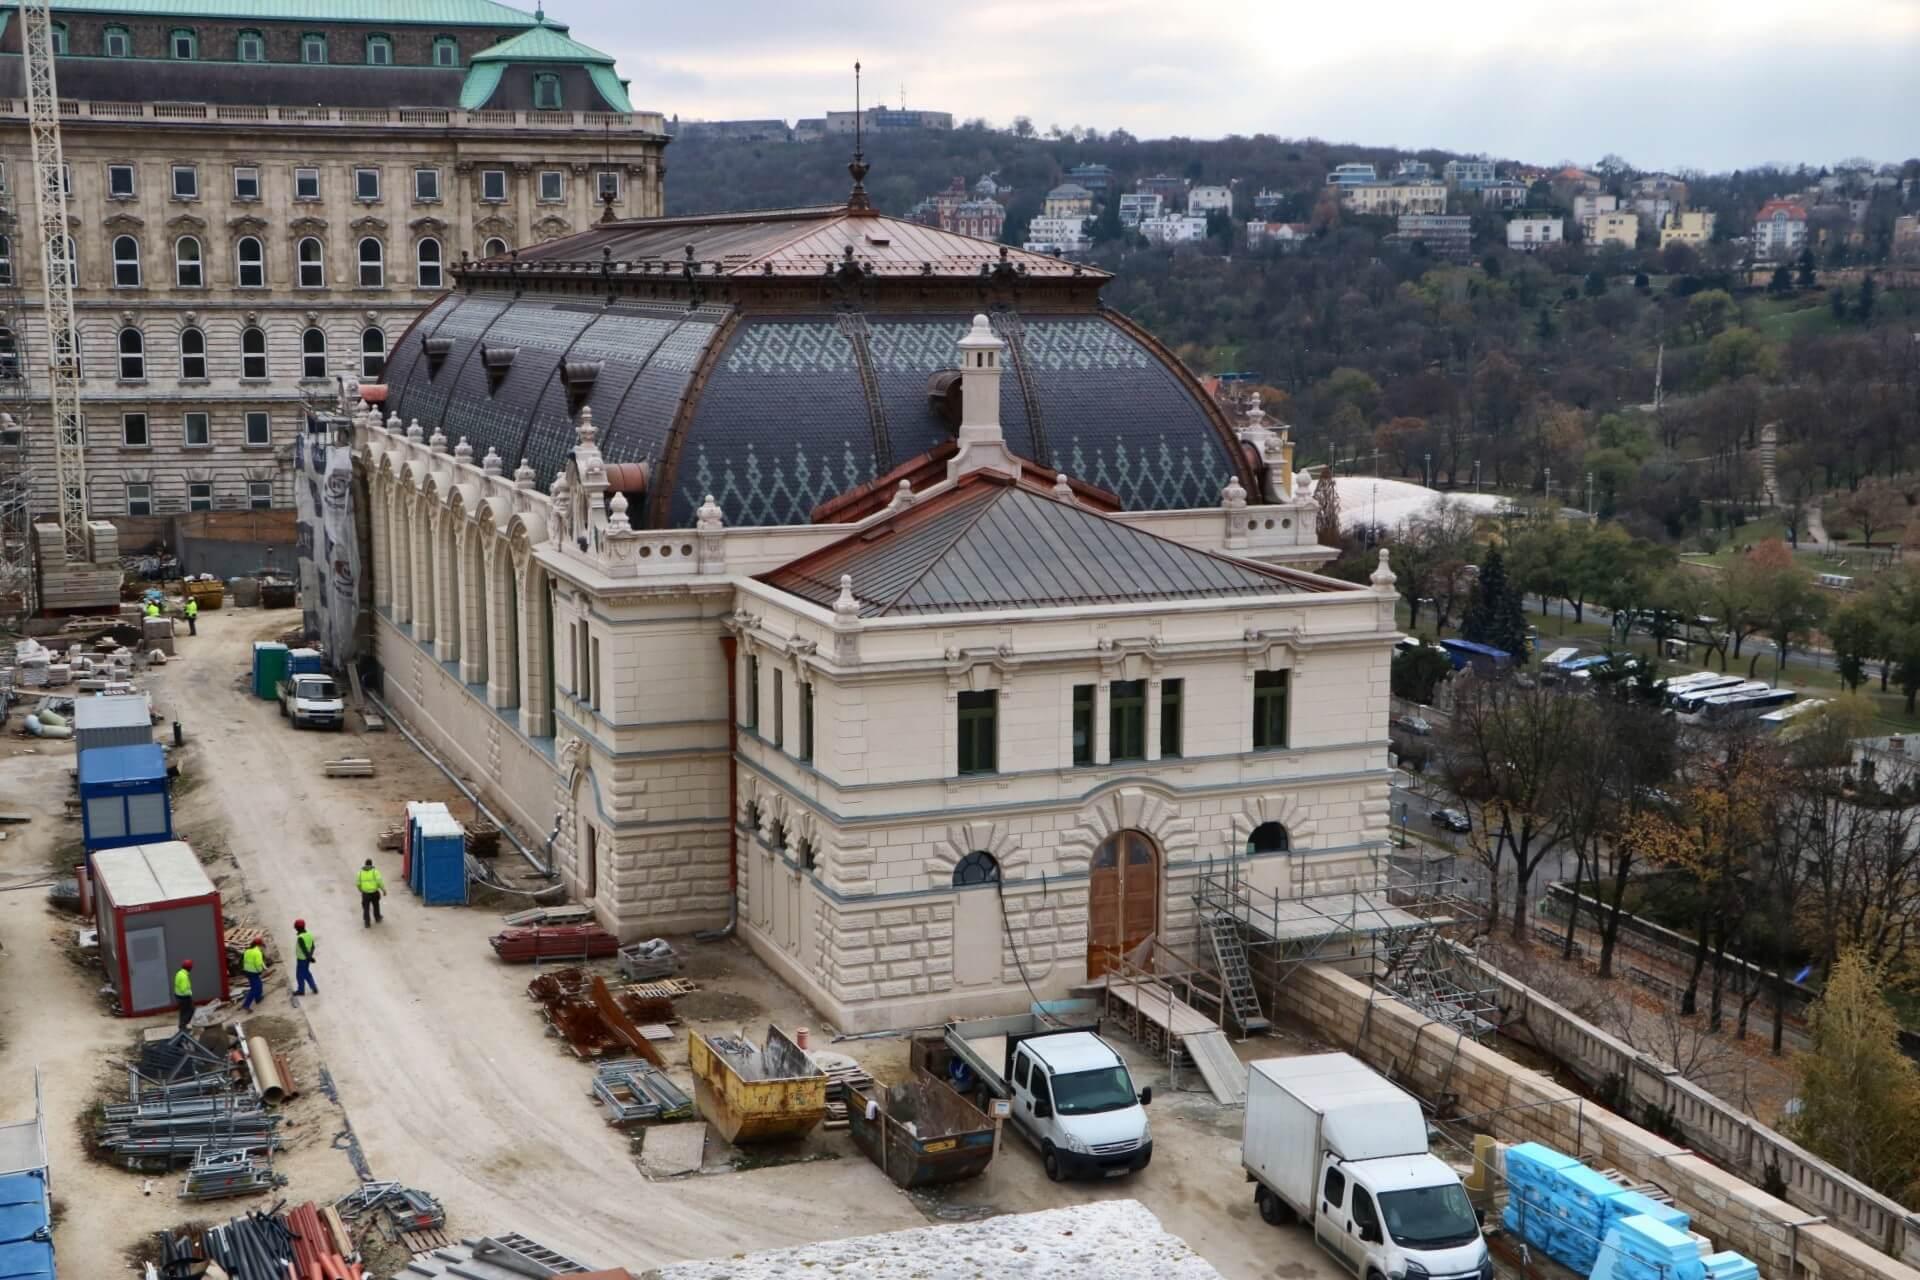 Nyárra elkészül a Budai vár újjászülető lovardája